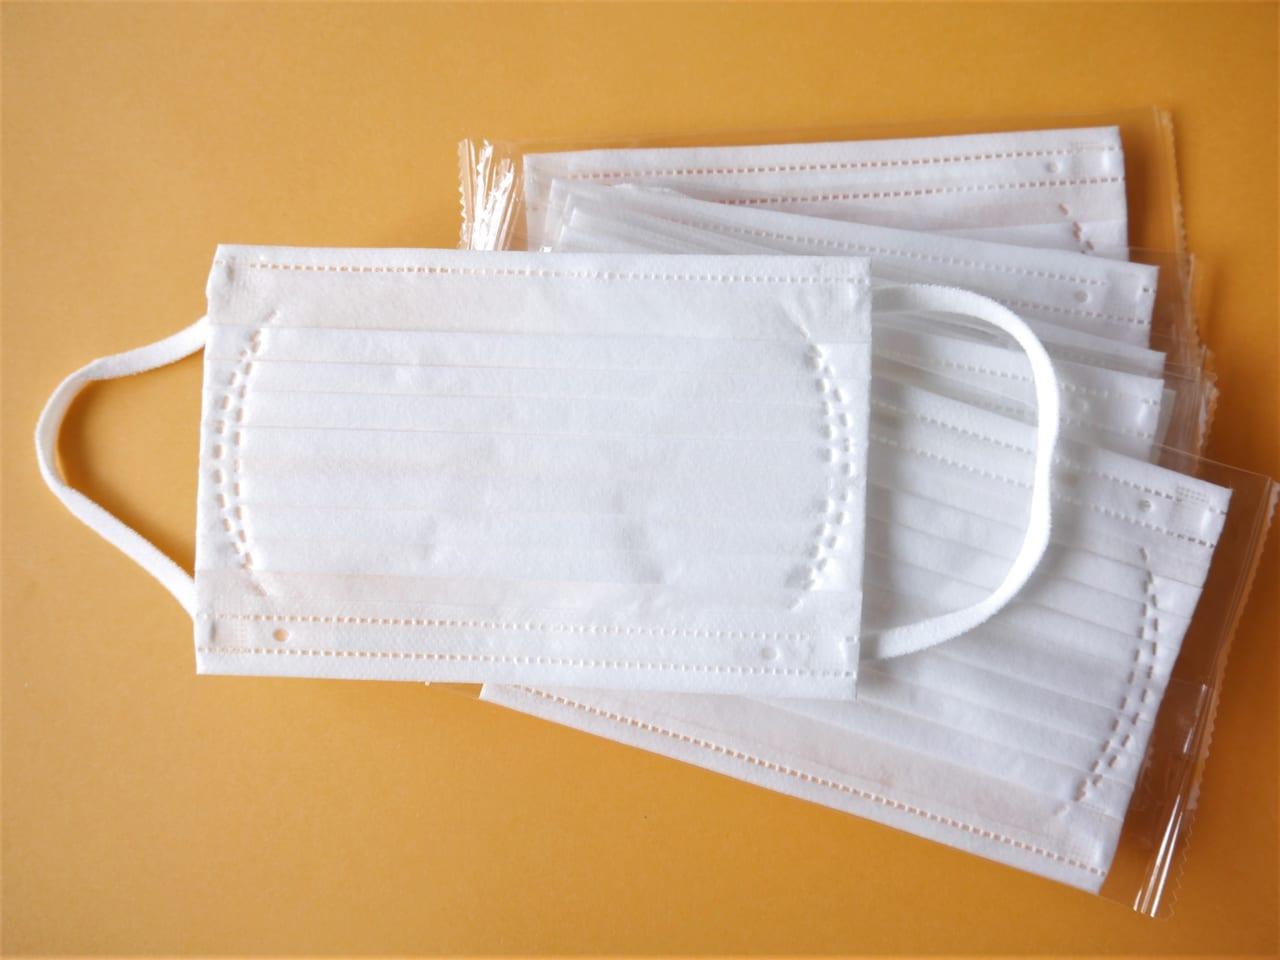 「新型コロナウイルス マスク 手洗い」の画像検索結果